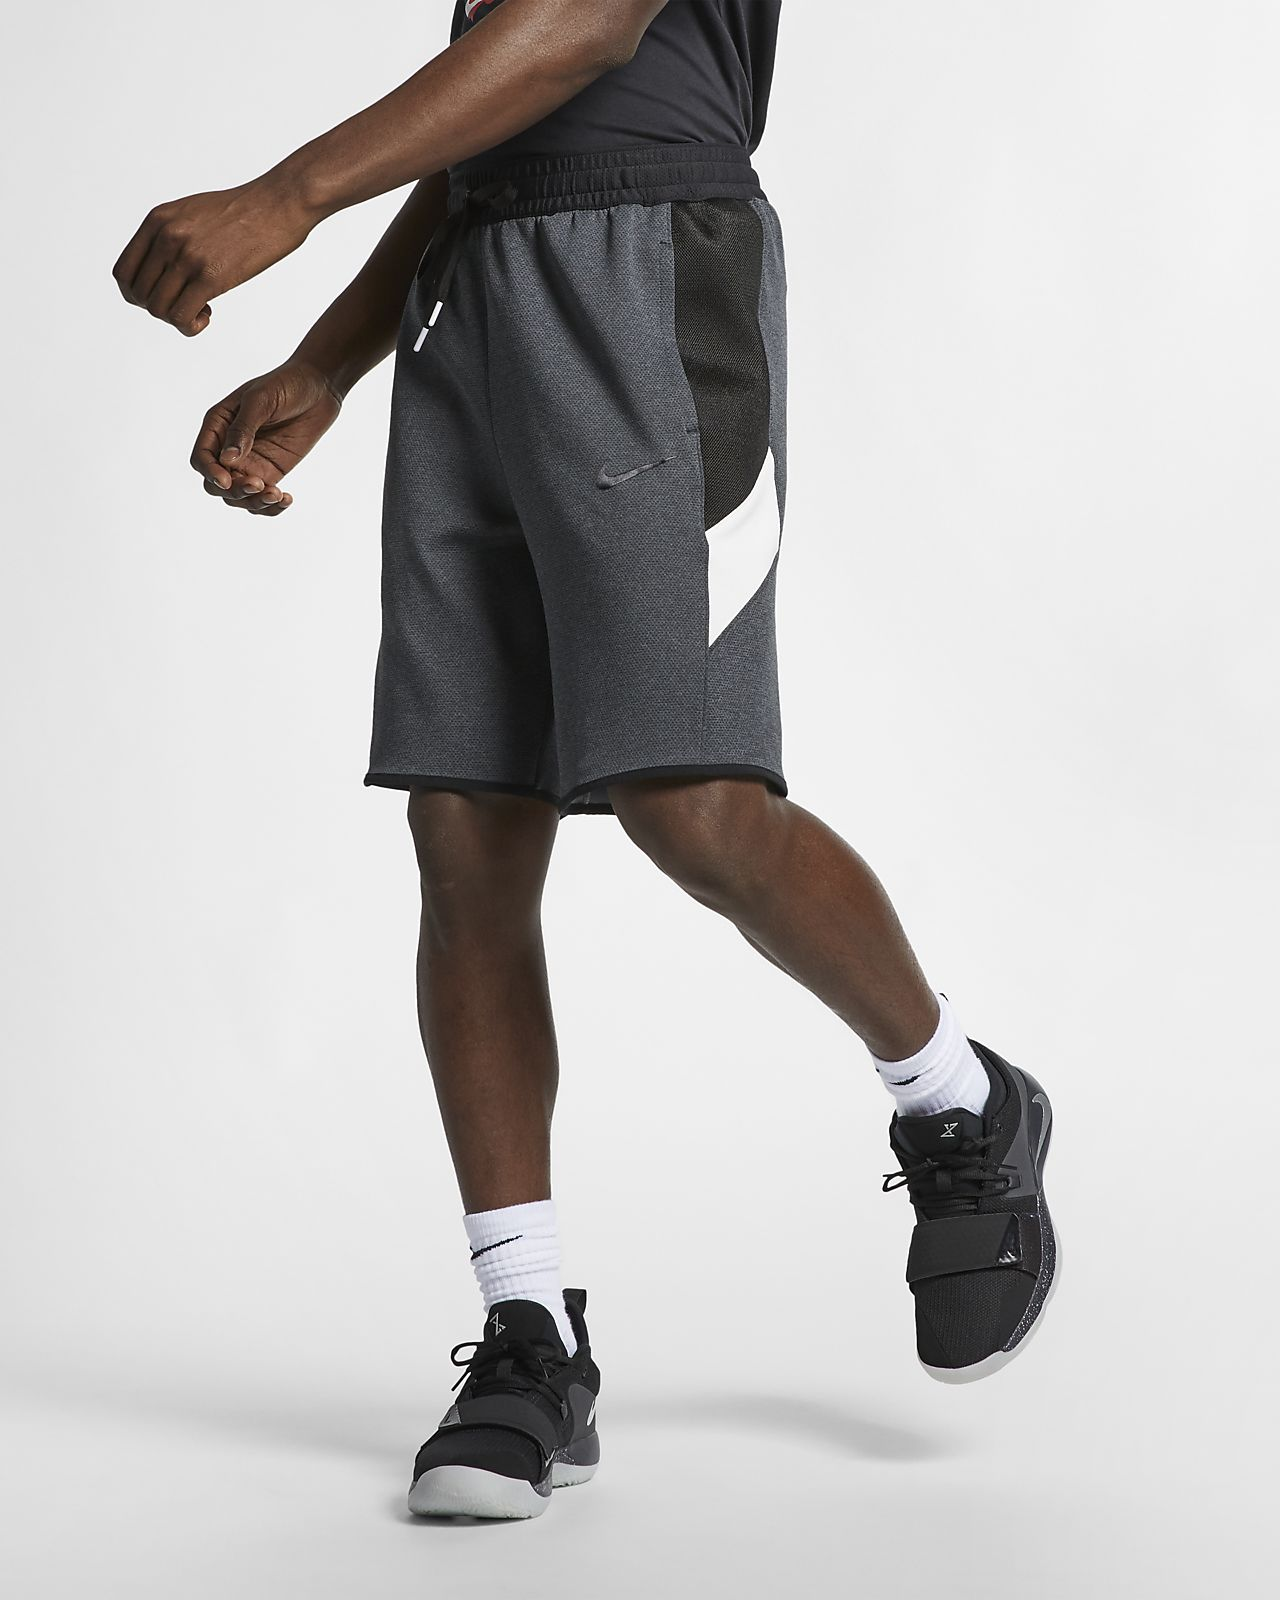 Ανδρικό σορτς μπάσκετ Nike Therma Flex Showtime